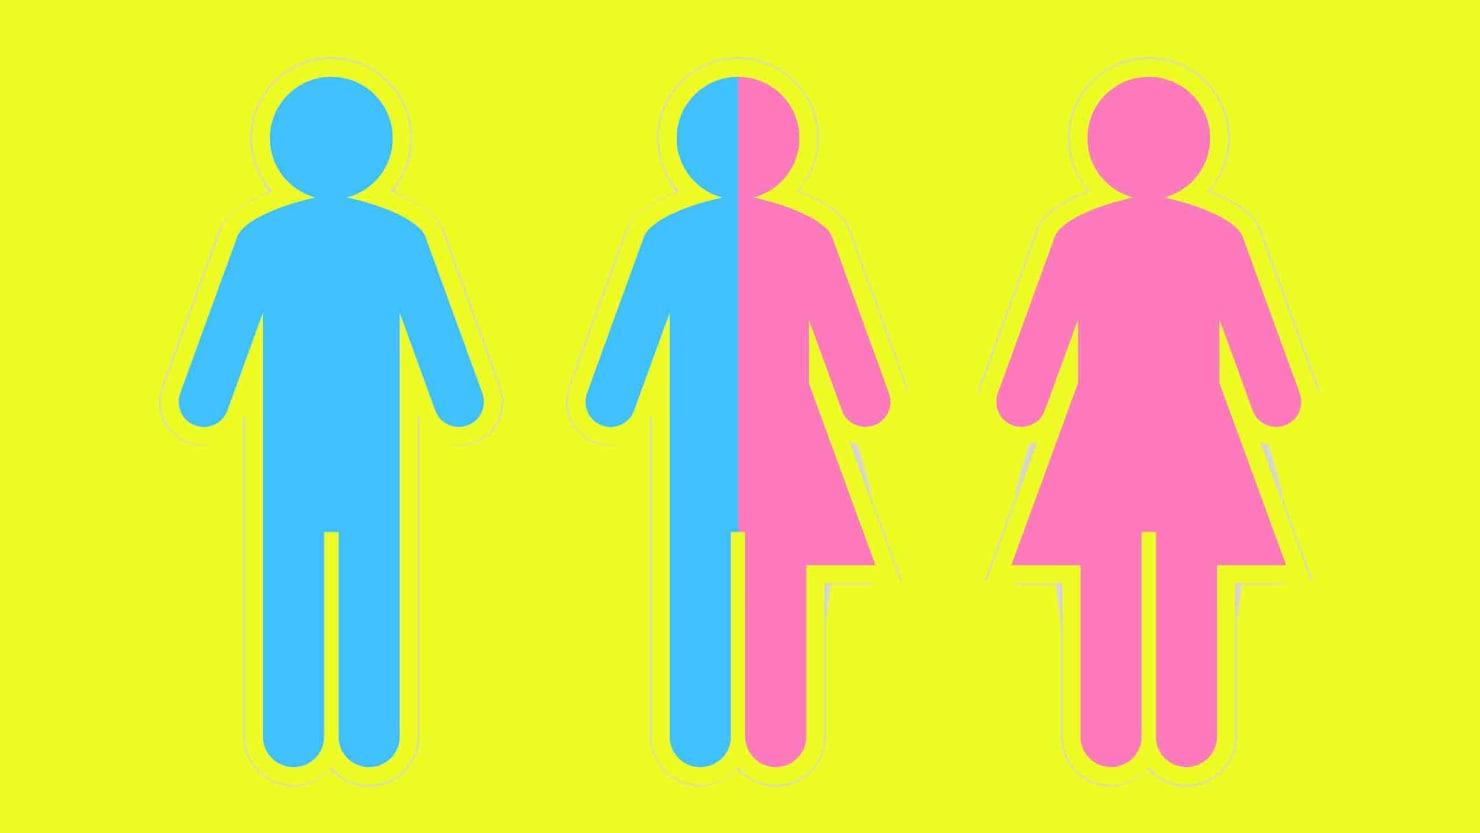 Directivă controversată în Portugalia. Profesorii trebuie să respecte identitatea de gen a elevilor. Documentul e deja contestat de zeci de mii de părinți